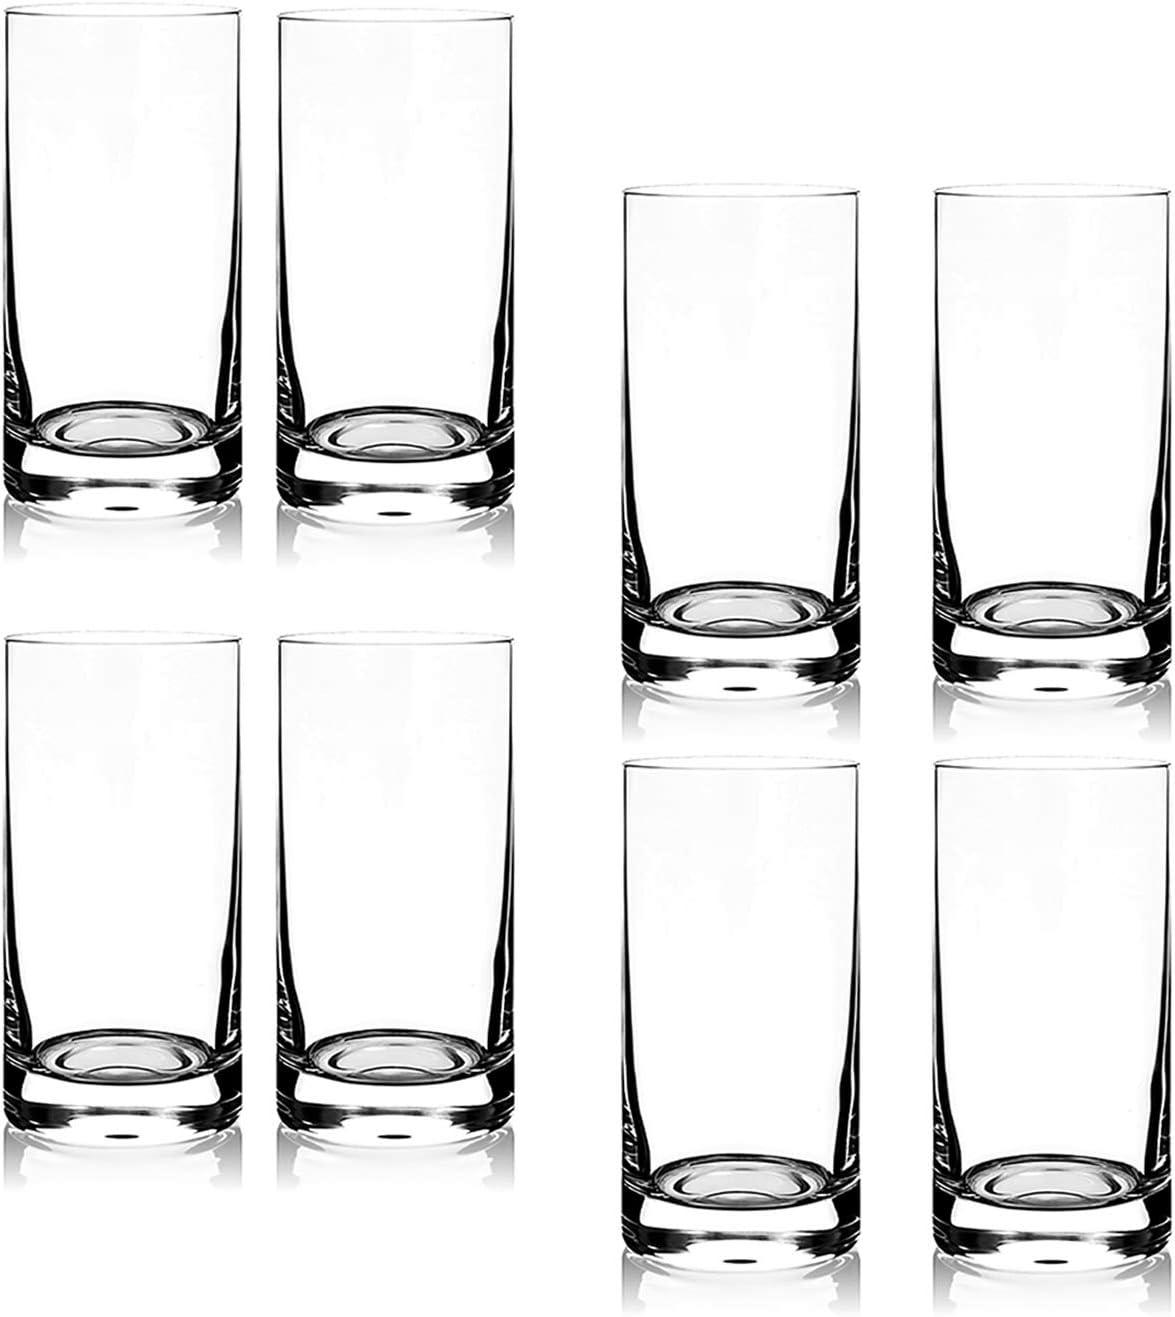 8PCS 11 oz Glasses Highball Glasses Drinking Glass Heavy Base Red Wine Glasses Water Beer Glass Set Multipurpose